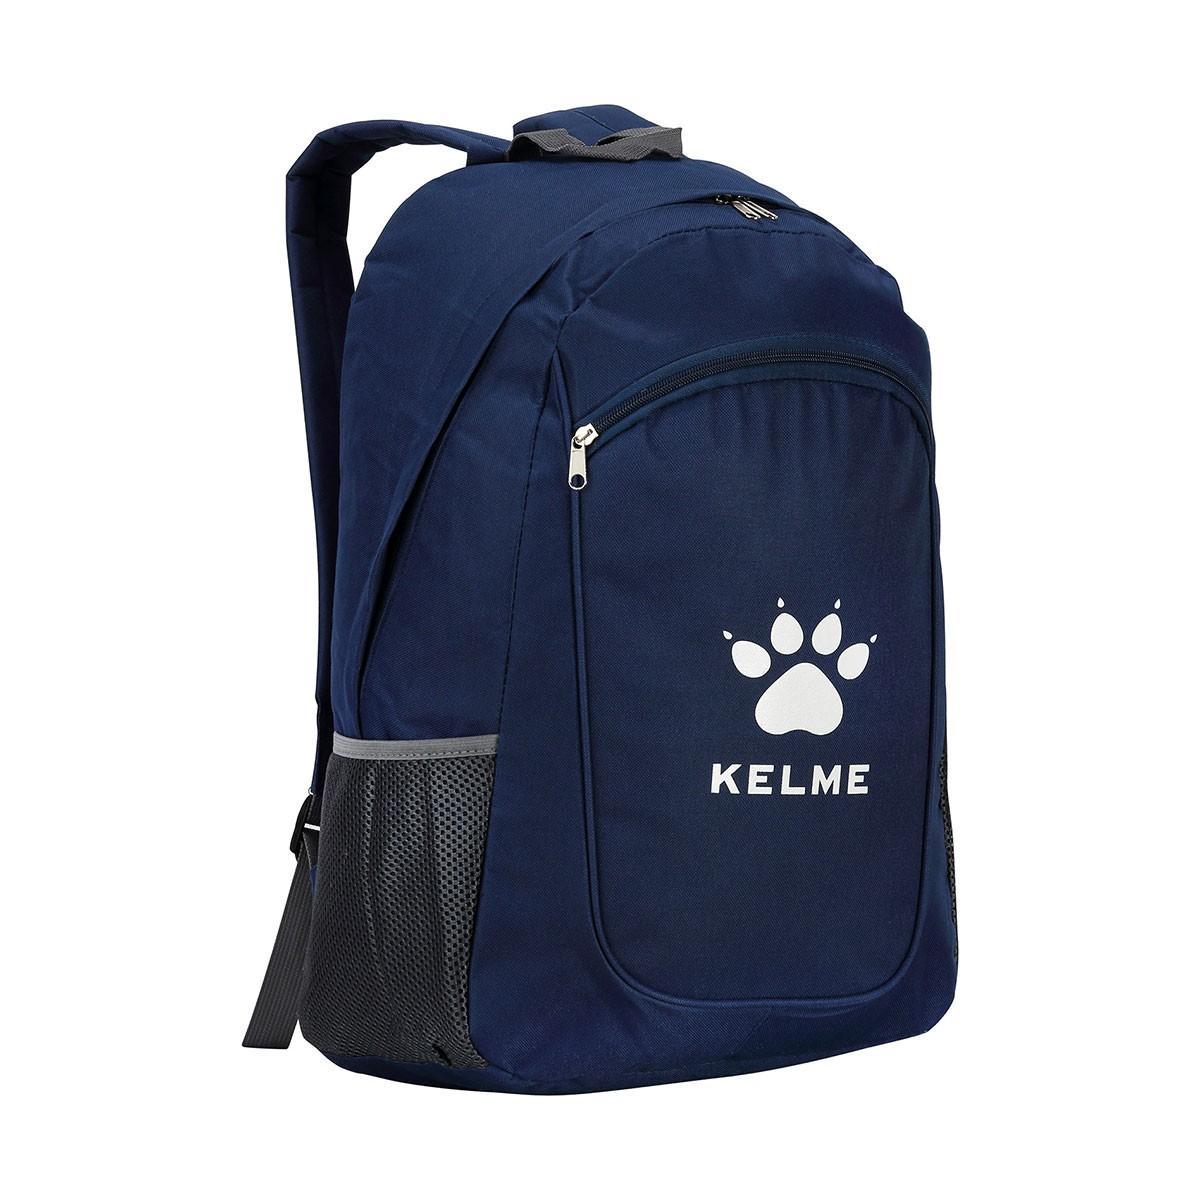 Backpack Kelme Entrenamiento Navy blue - Tienda de Fútbol. Leaked soccer 77c1dec092516